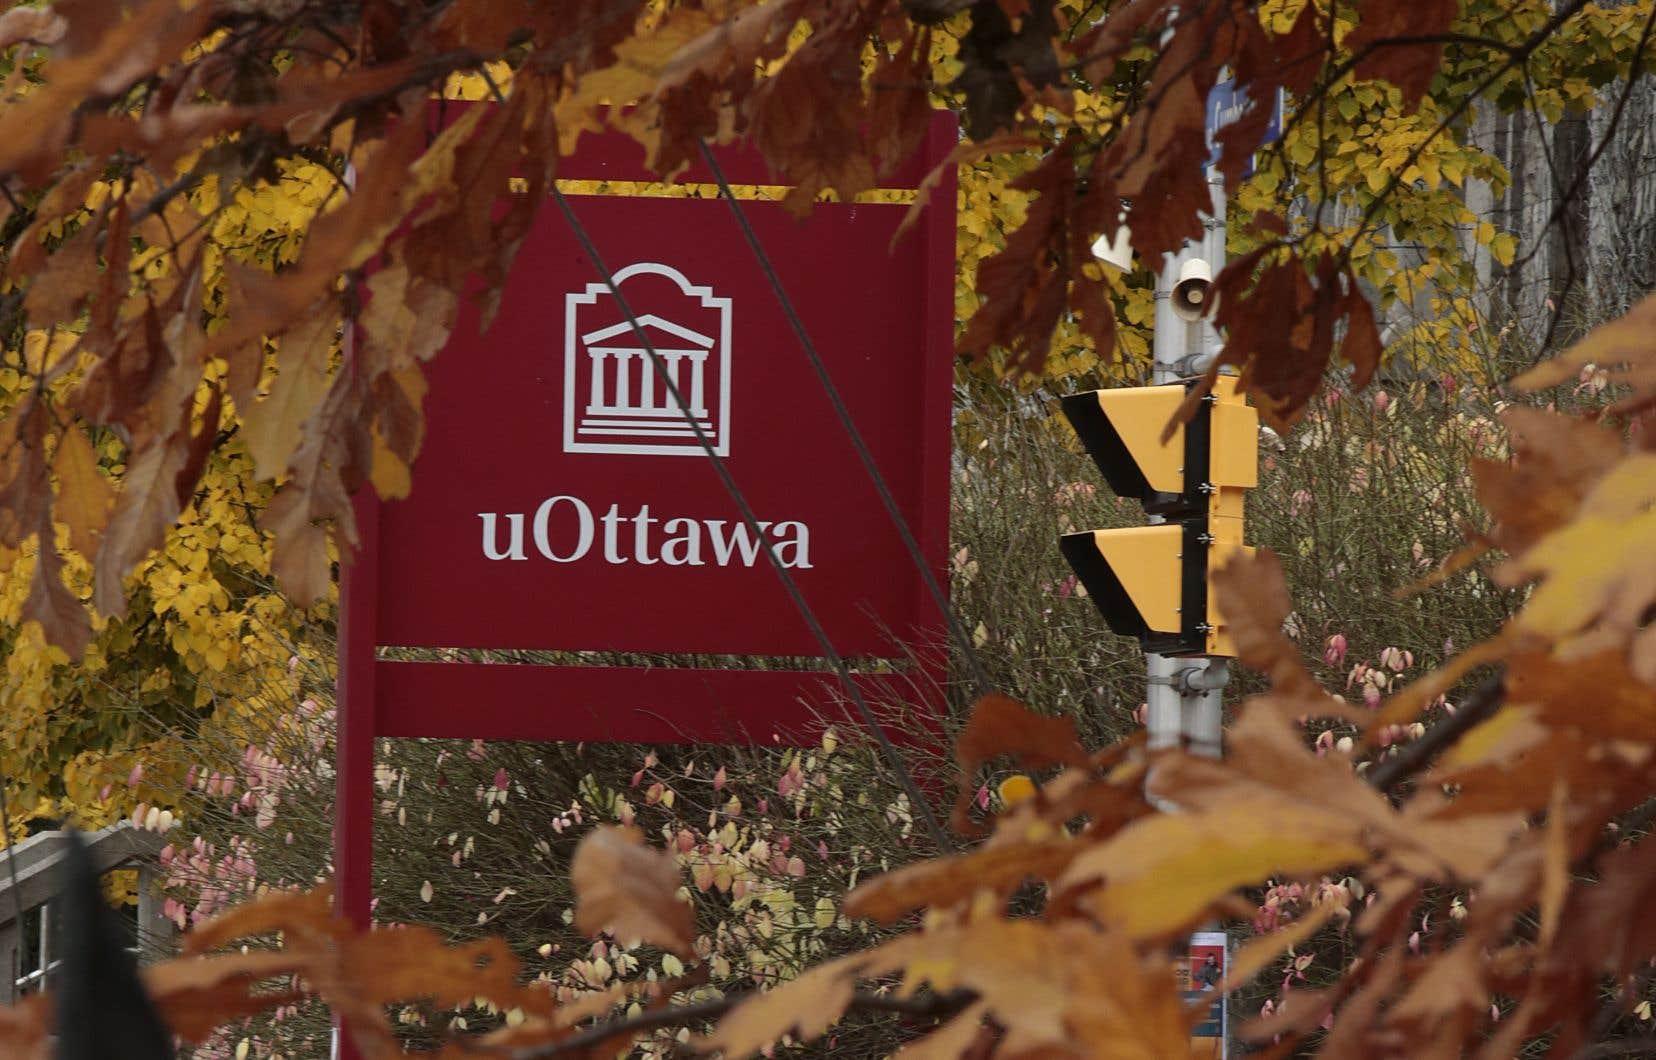 «Nous demandons à l'Université d'Ottawa de reconnaître son erreur et de défendre tant la dignité des étudiants et des étudiantes racisés que les difficiles exigences du rôle d'enseignant et de sa mission critique», écrivent les auteurs.